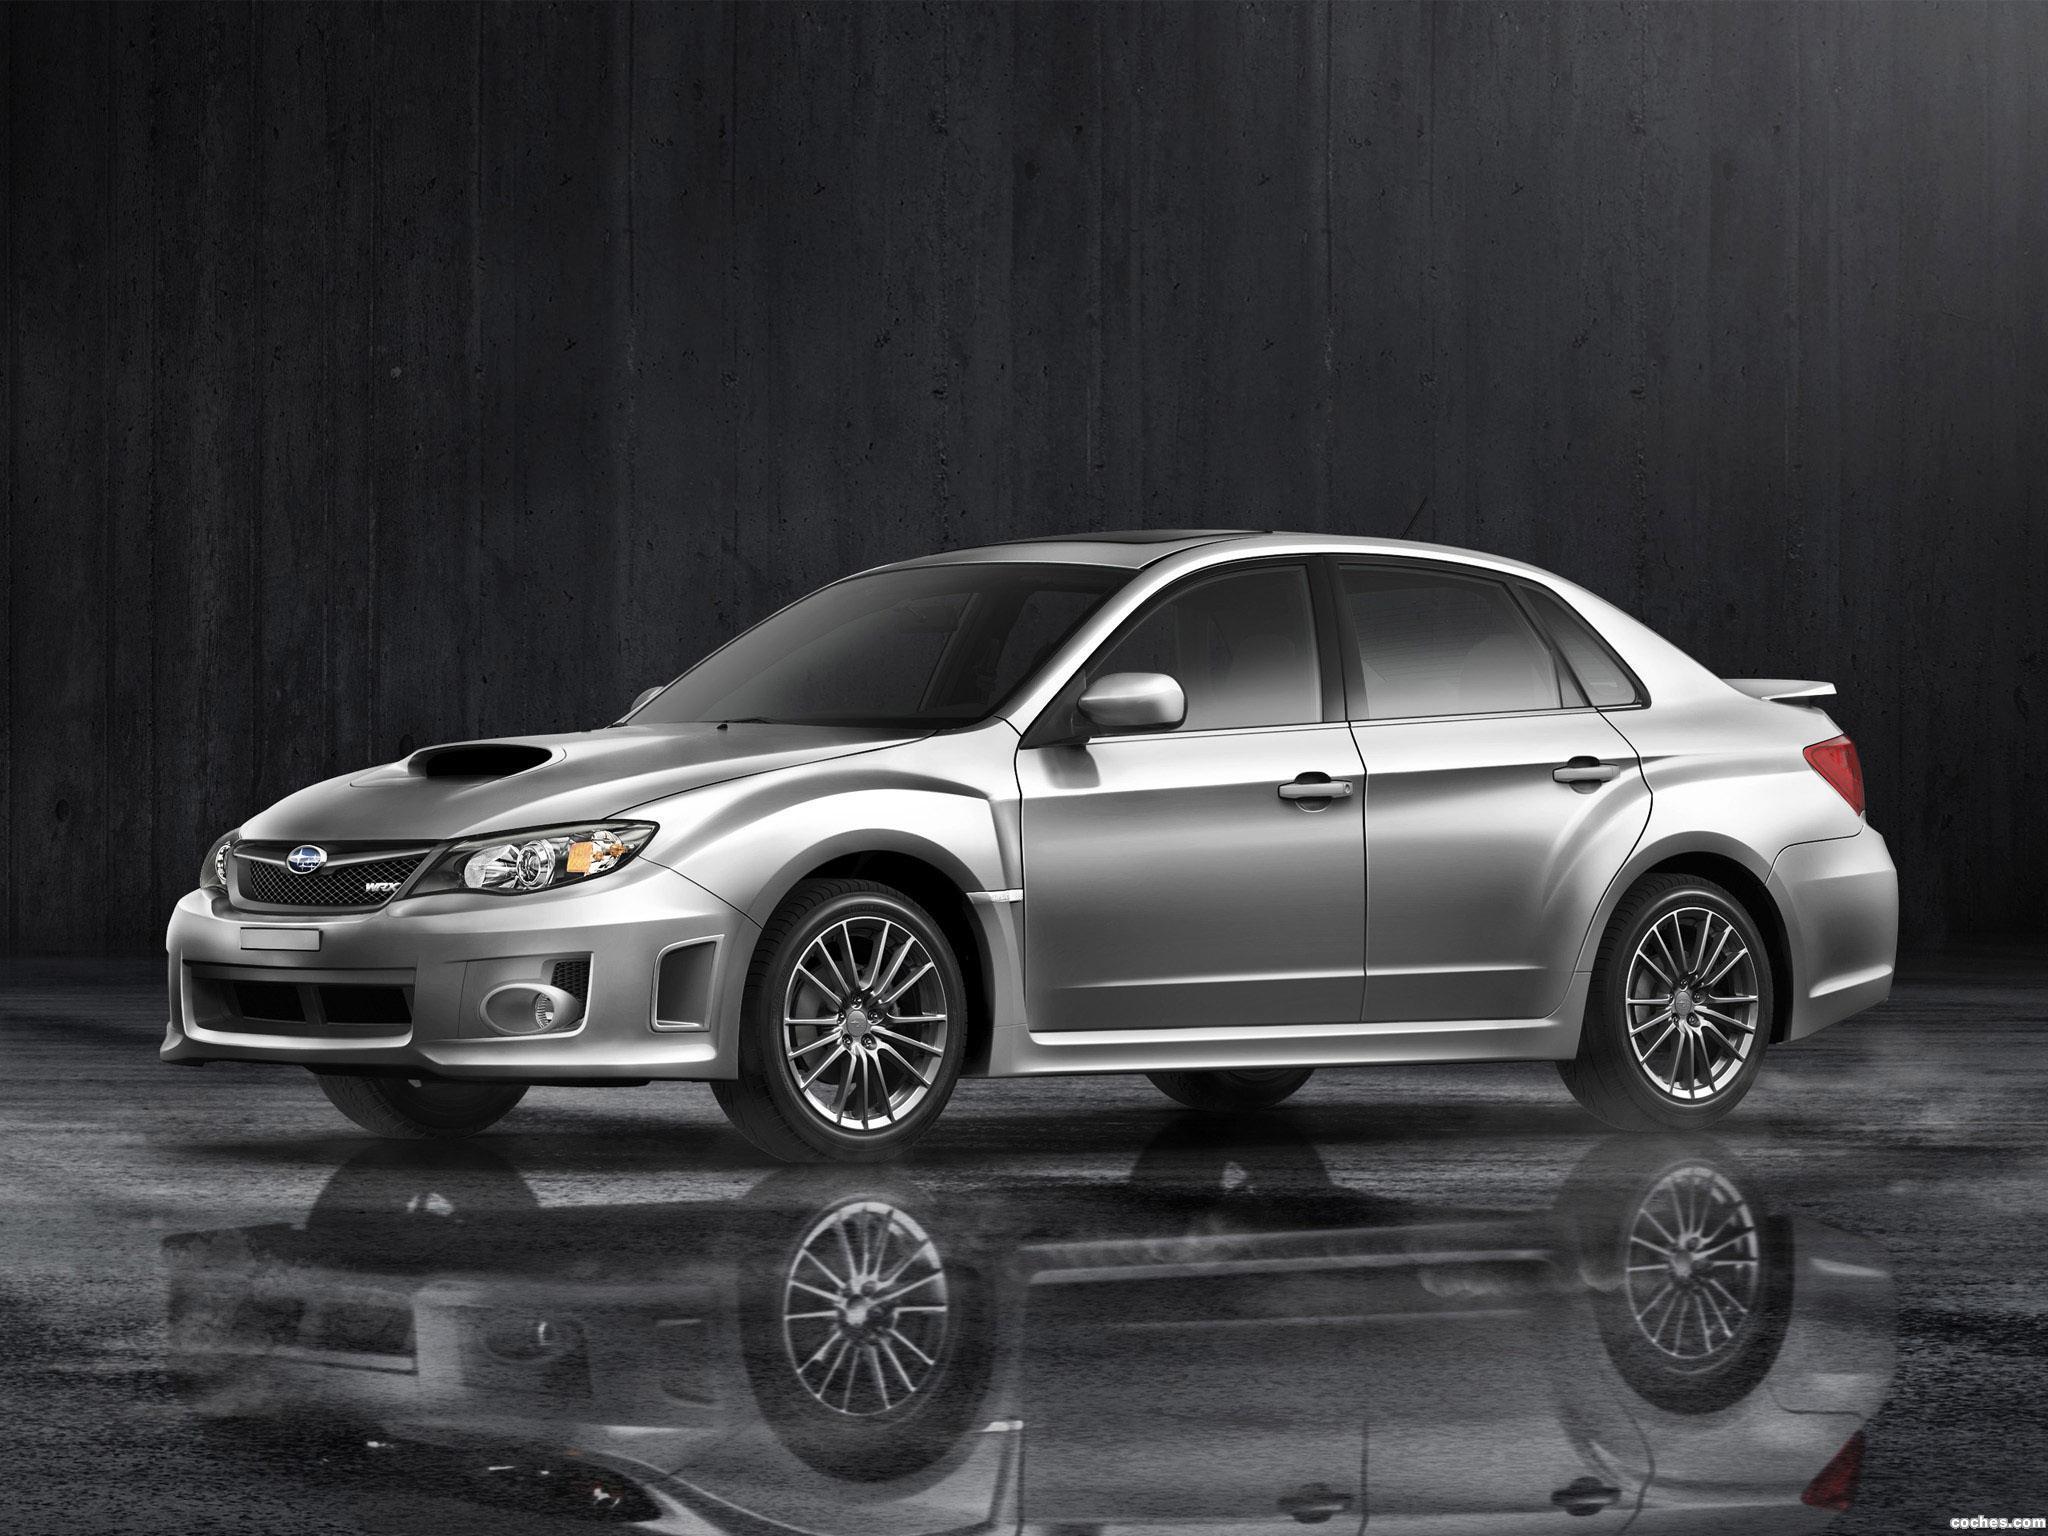 Foto 1 de Subaru Impreza WRX Sedan USA 2010